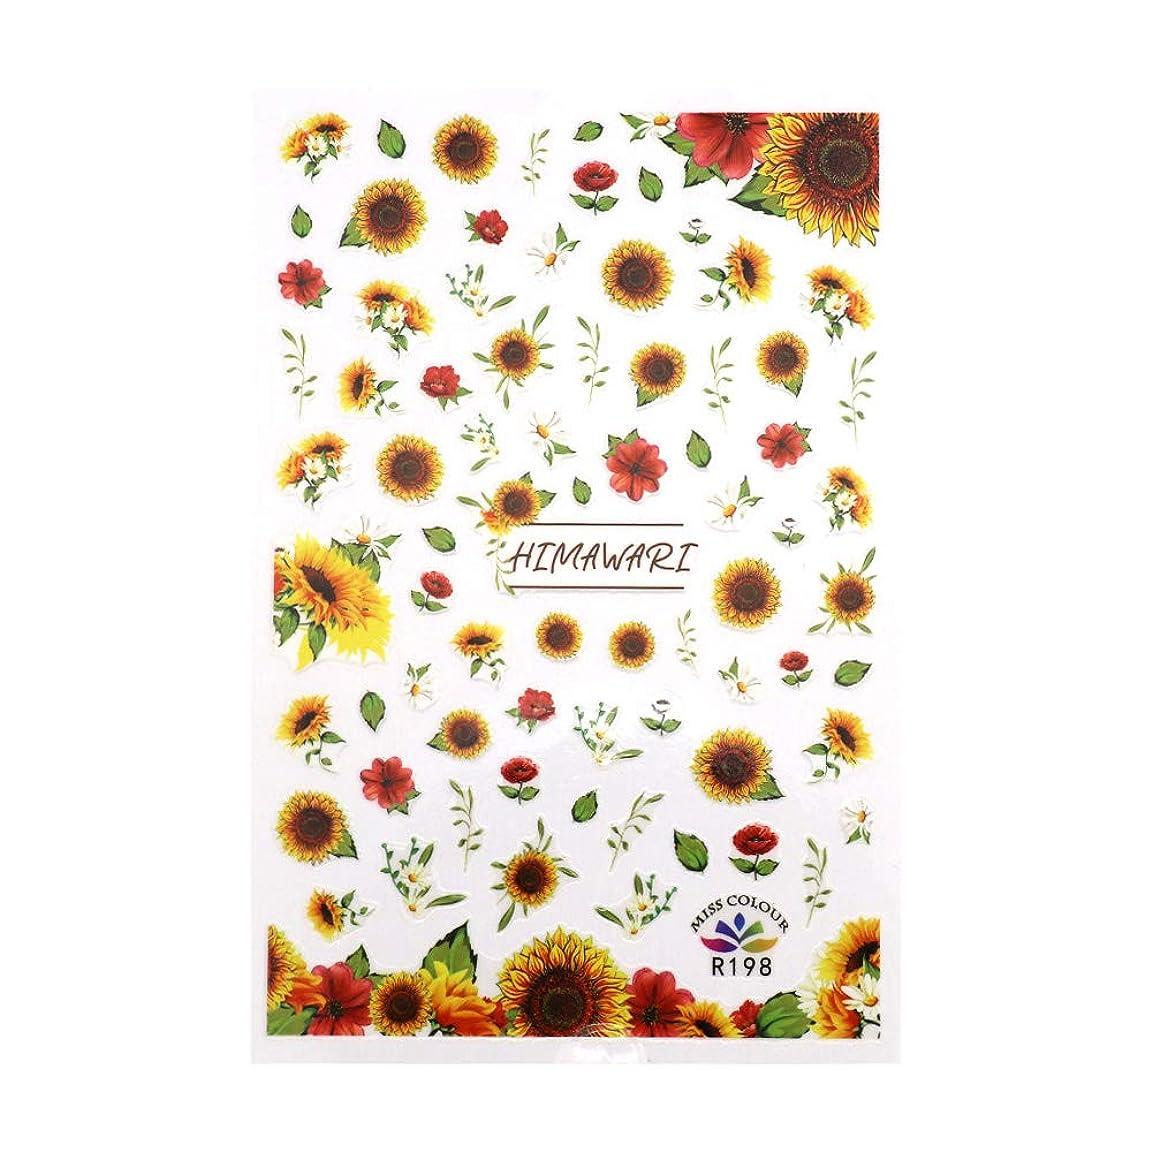 熟考する何か半径ネイルシール 向日葵シール 花 フラワー 一輪花 ひまわり ヒマワリ 向日葵 サンフラワー 夏 サマー 花